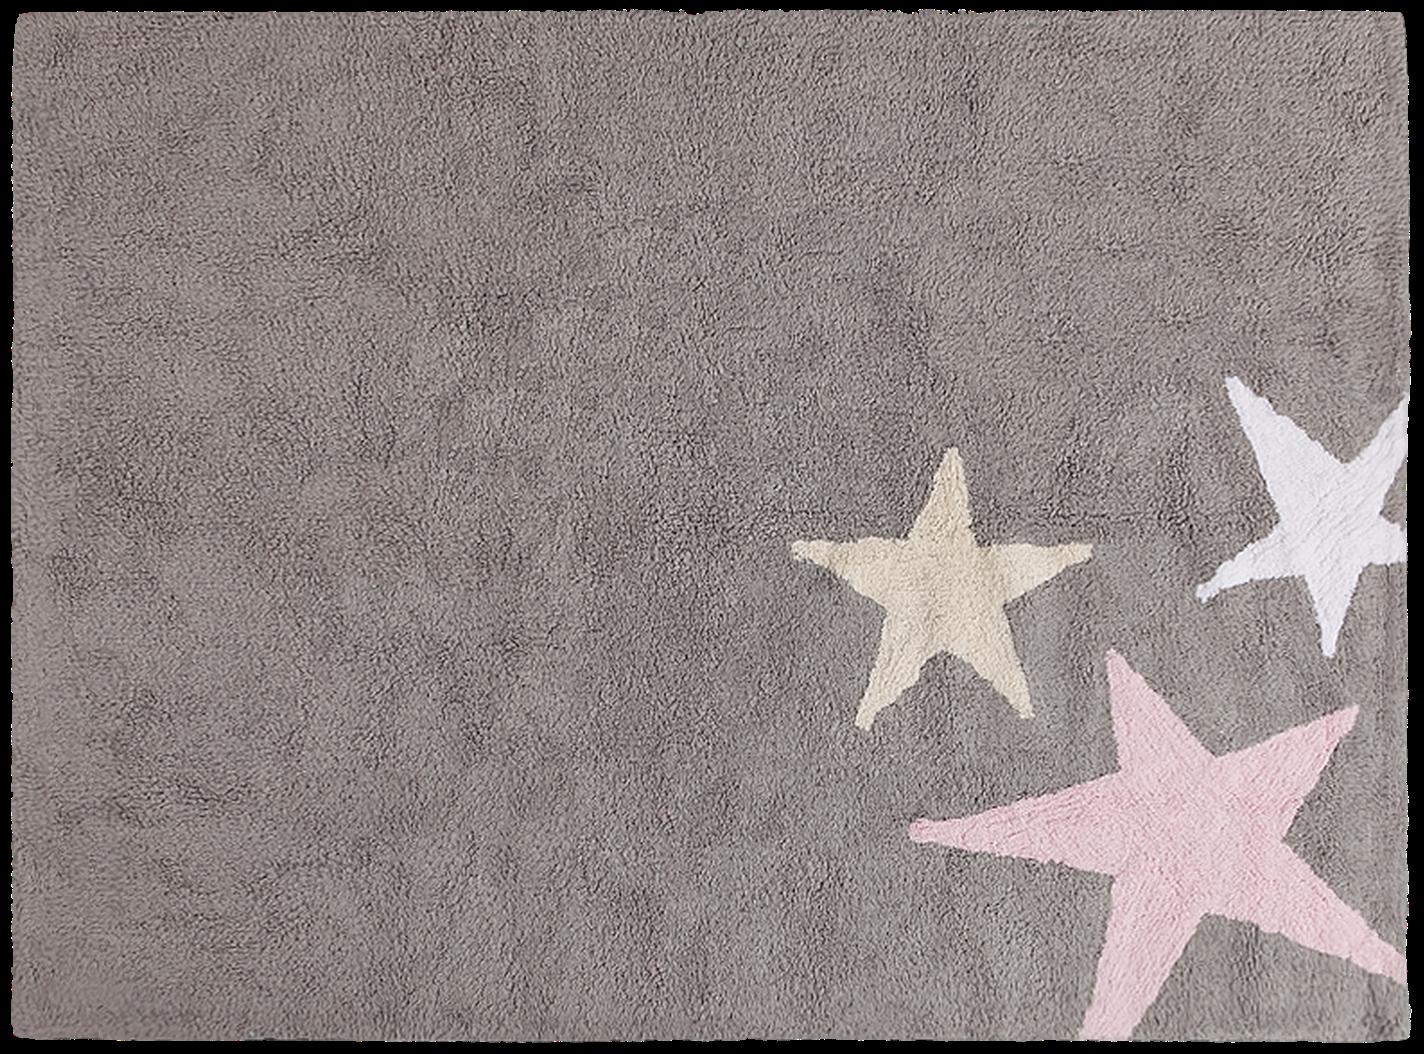 Alfombra lorena canals lavable gris 3 estrellas tricolor - Alfombras ninos lavables ...